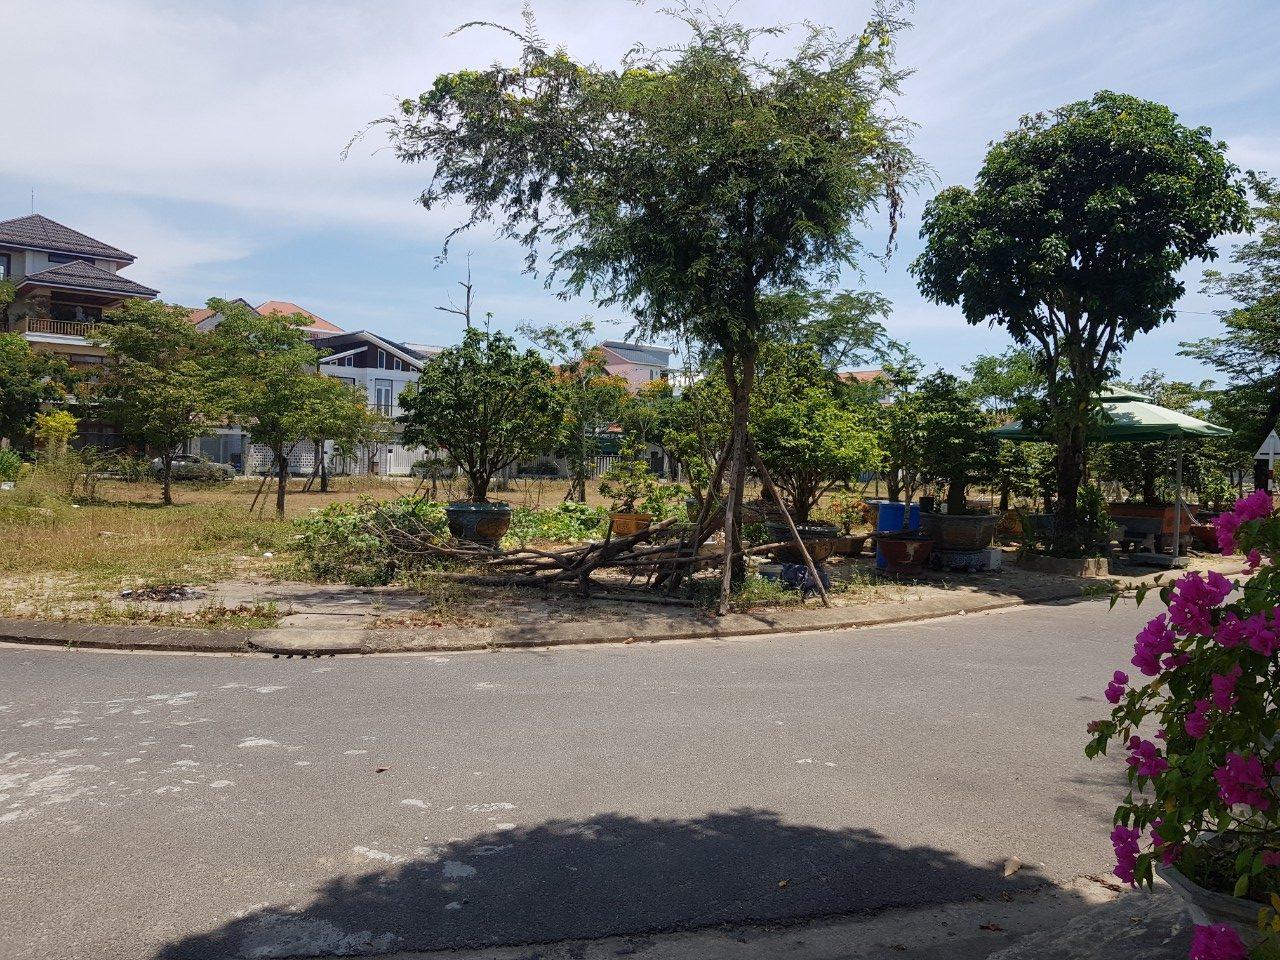 Bán đất KPM Tân Thạnh ngay trung tâm Thành Phố.